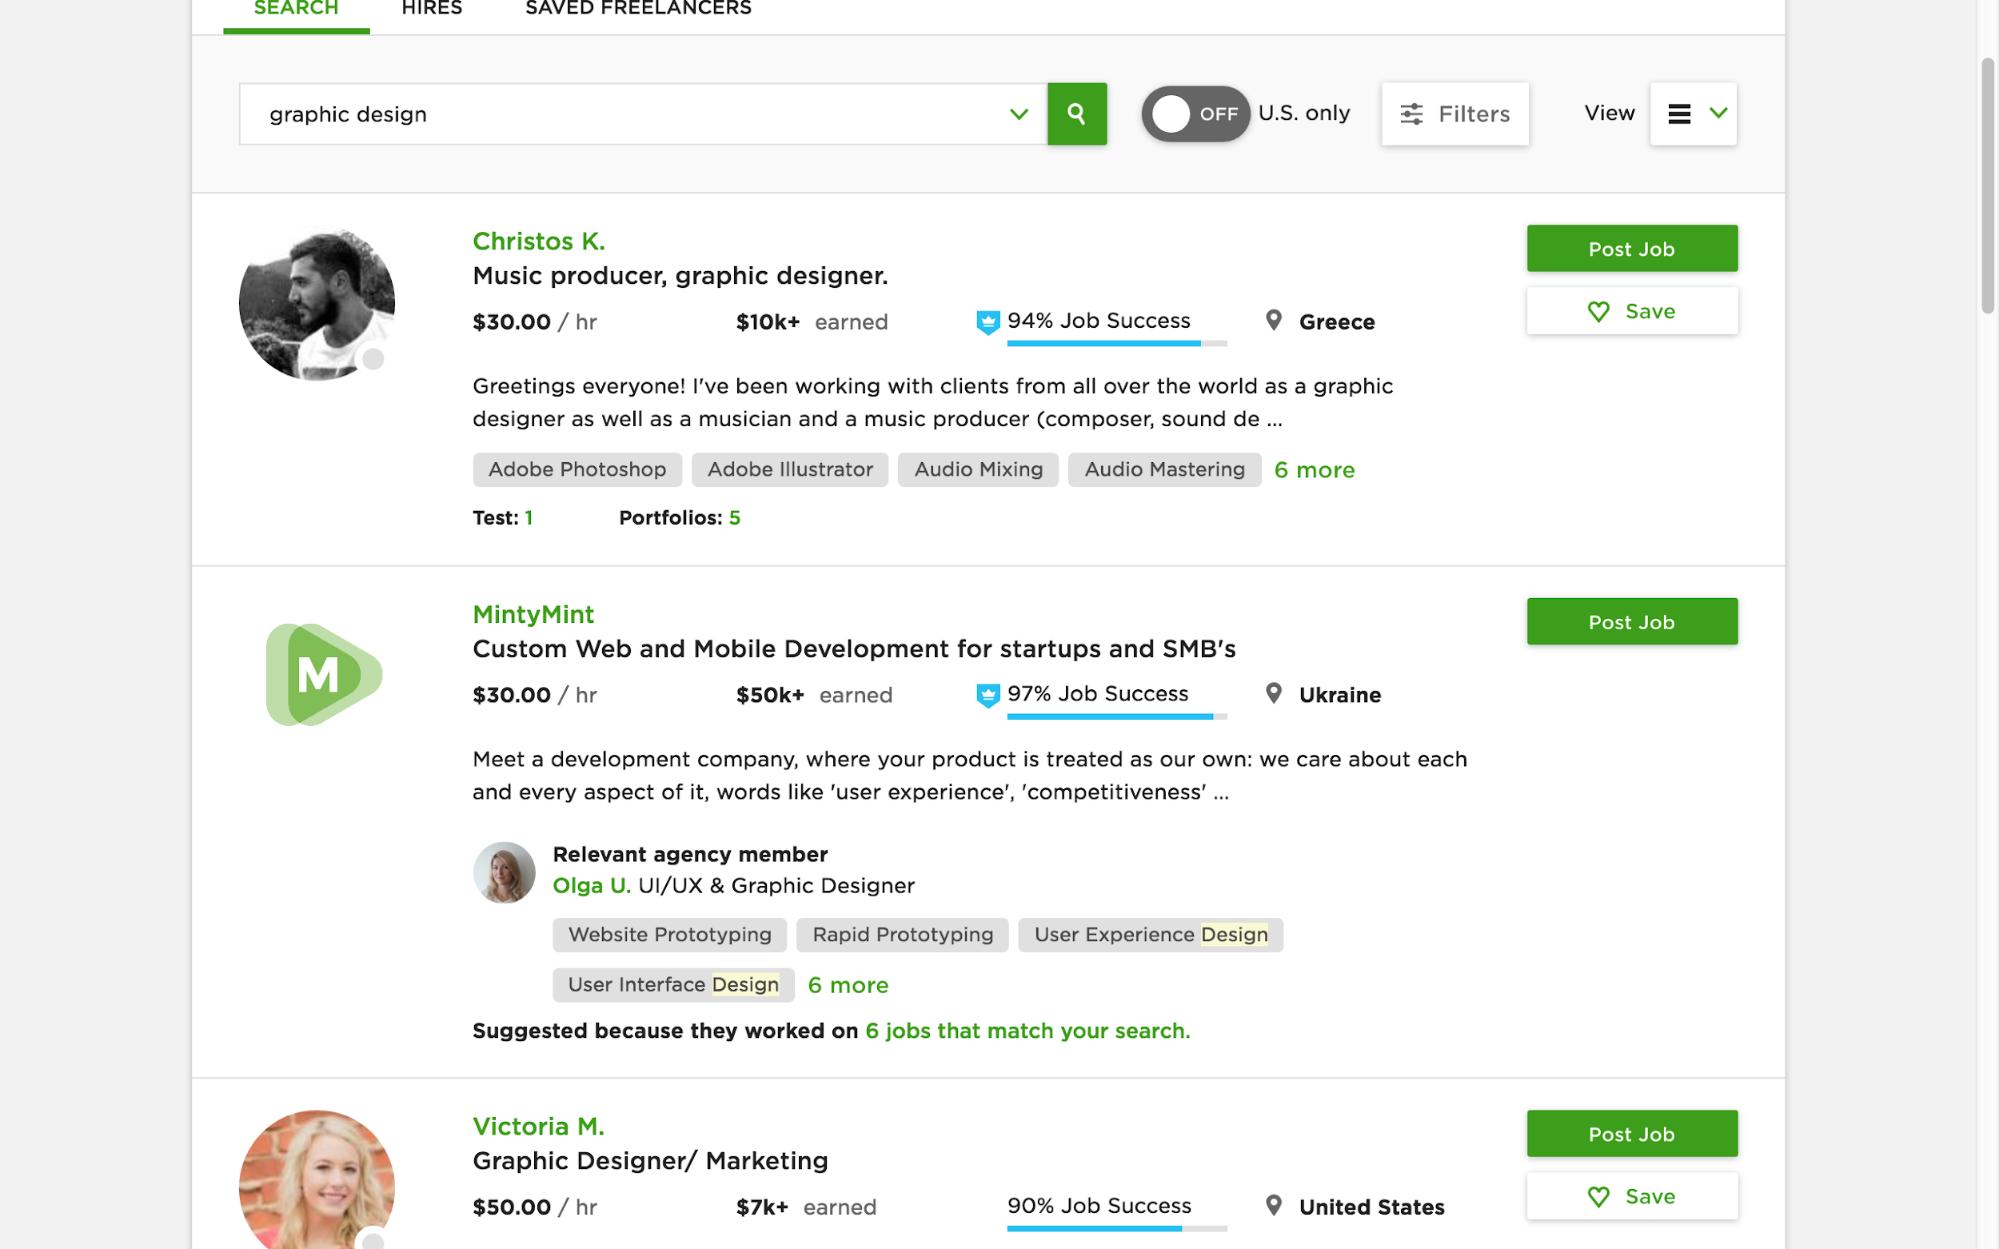 Die 5 besten Freelancer-Websites für die Einstellung von Grafikdesignern